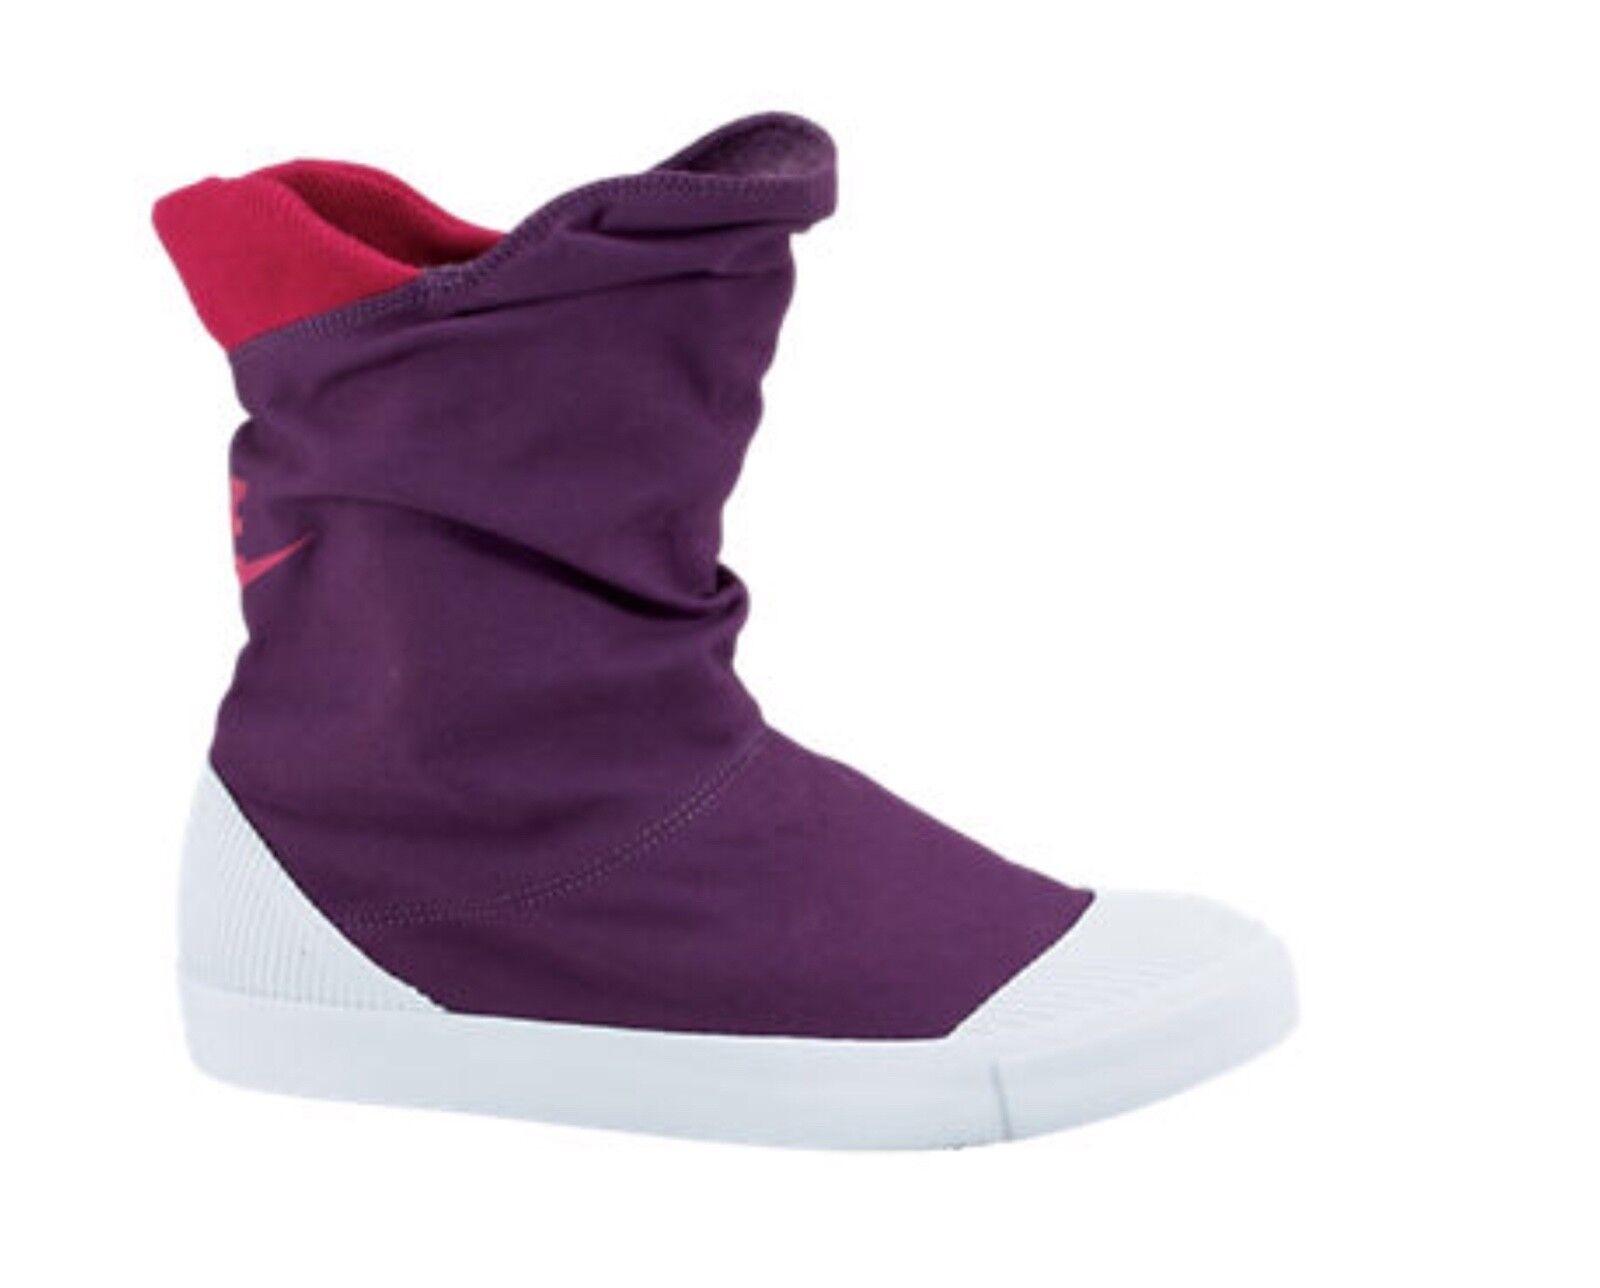 Nike Wmns Glencoe Guerrier Violet 472301-600 TAILLE 4 UK 37.5 eur